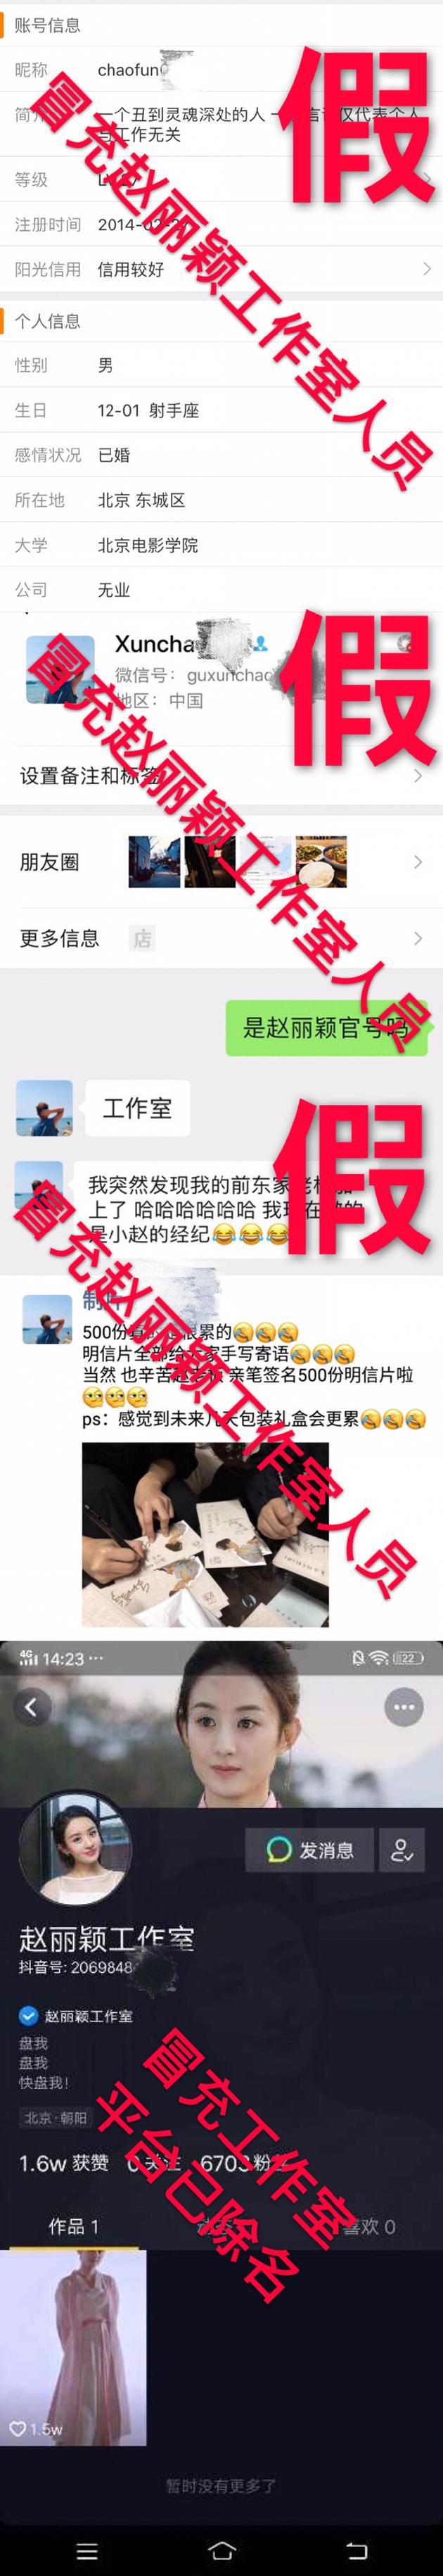 遭冒充名义发布不实信息 赵丽颖工作室发公告辟谣